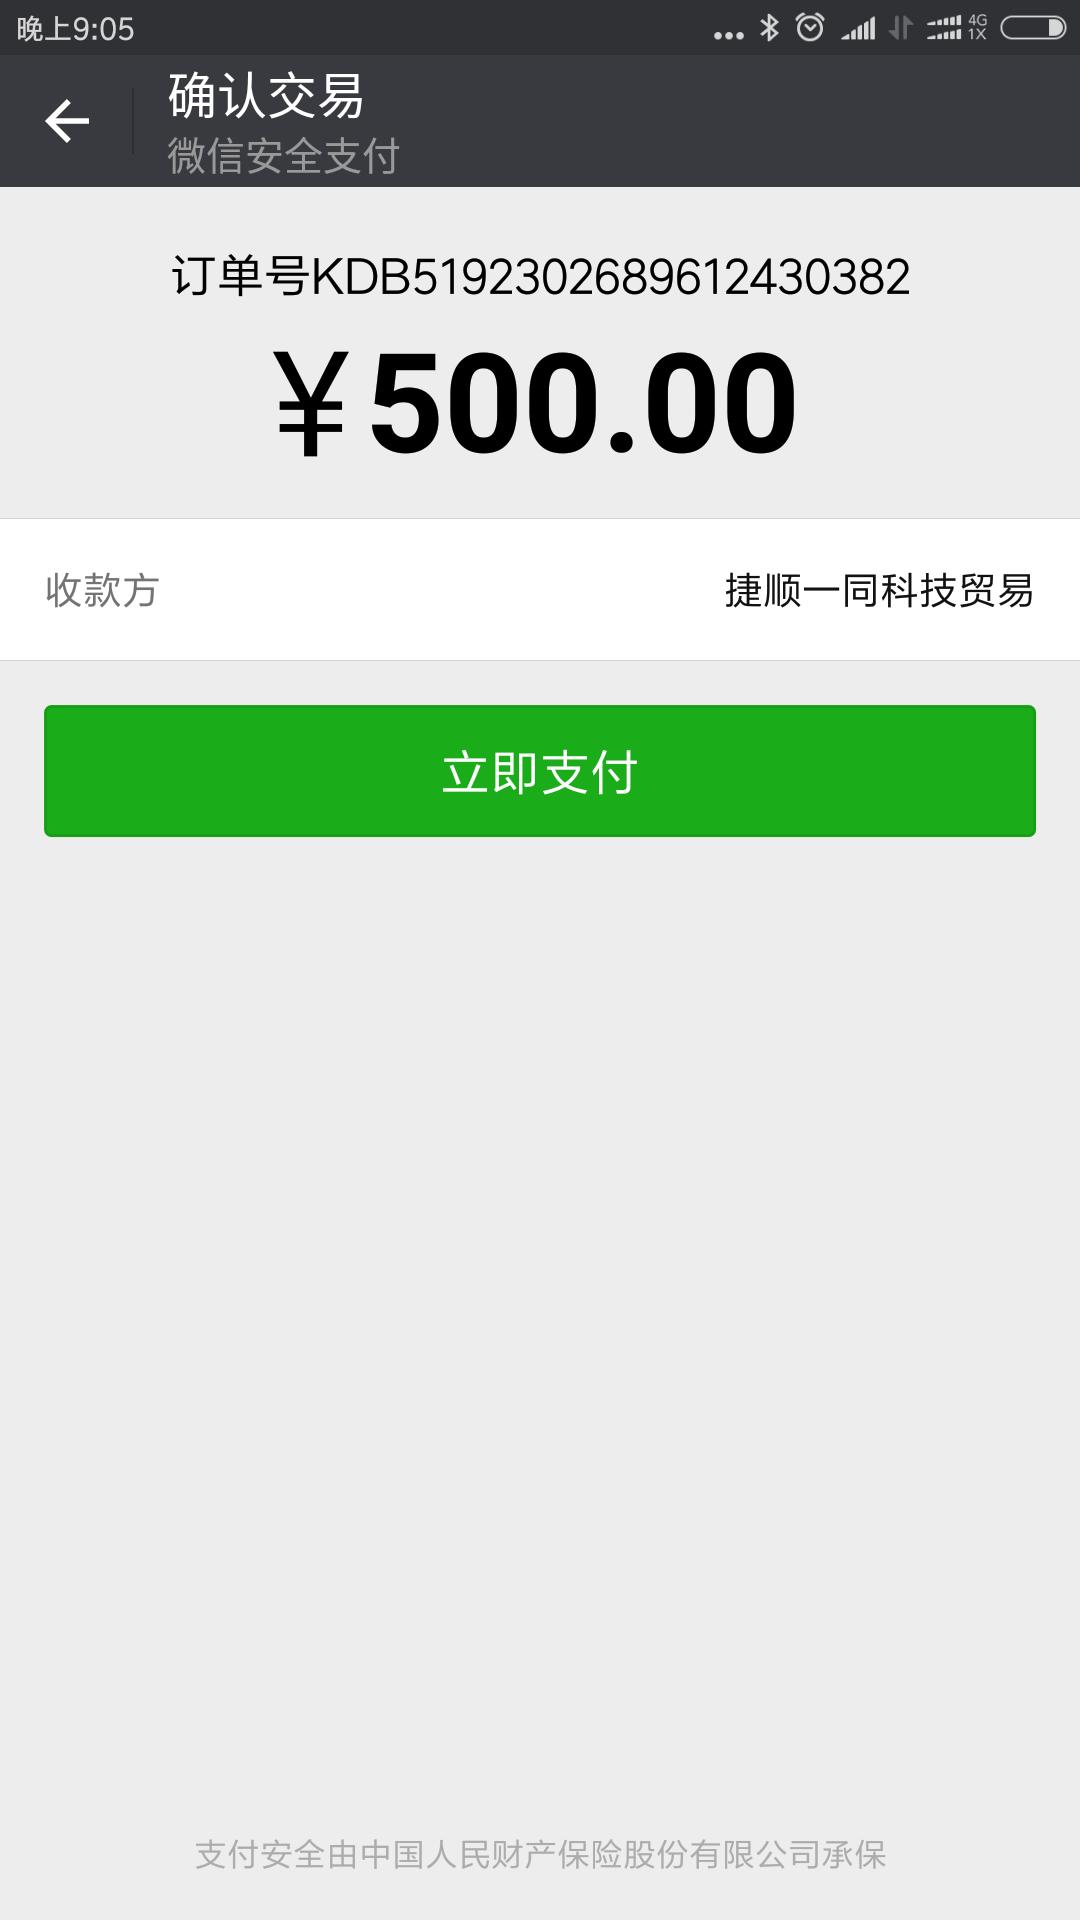 微信支付商户名